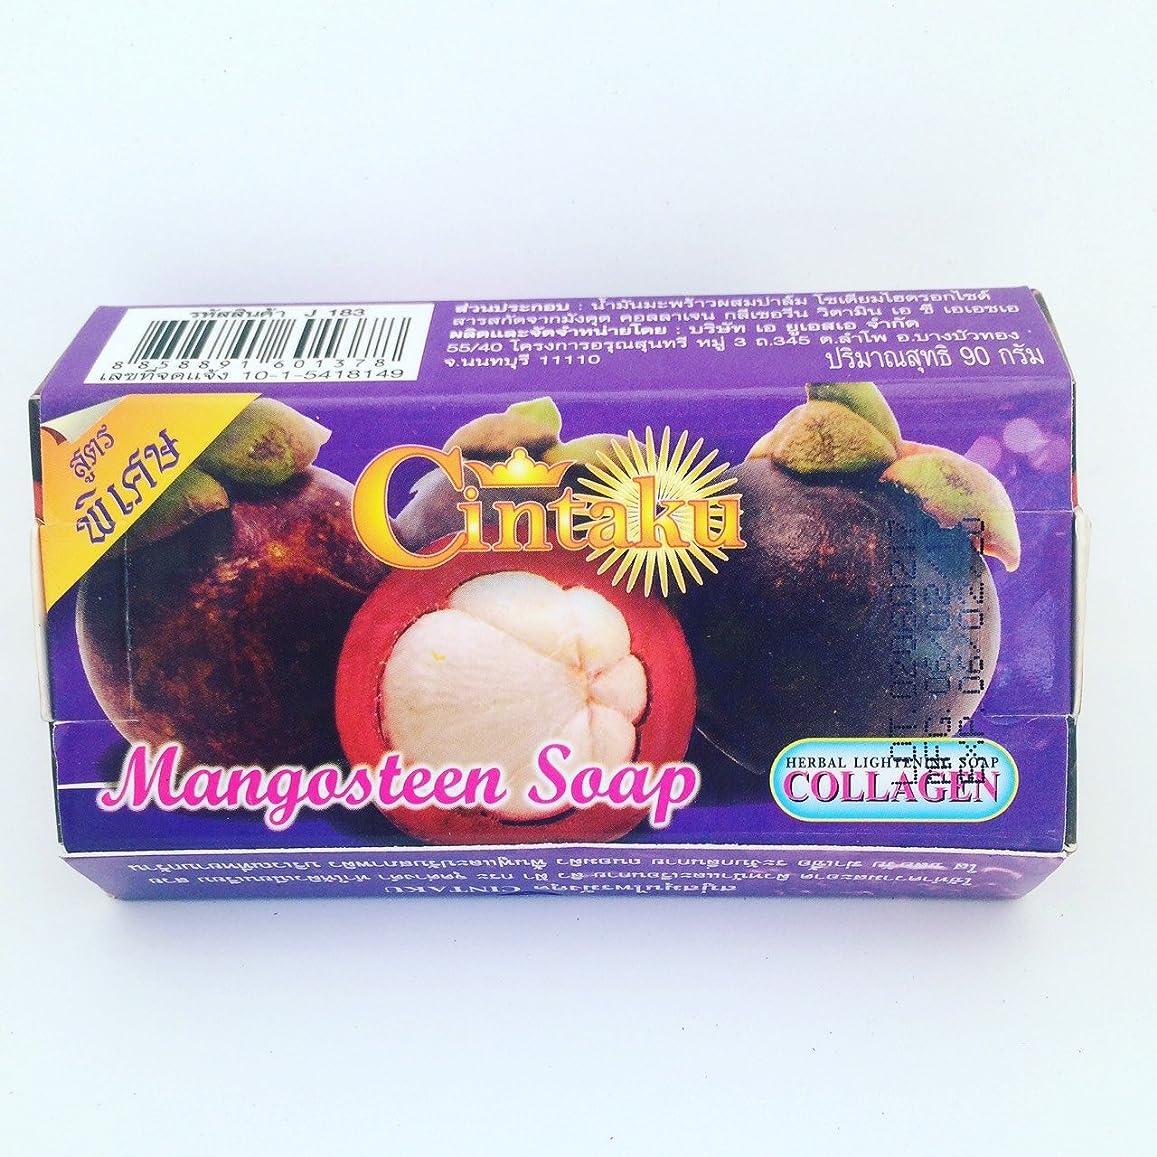 良さキャストハンドブックCintaku マンゴスチン ソープ コラーゲン配合 90g 1個 Mangosteen Soap COLLAGEN